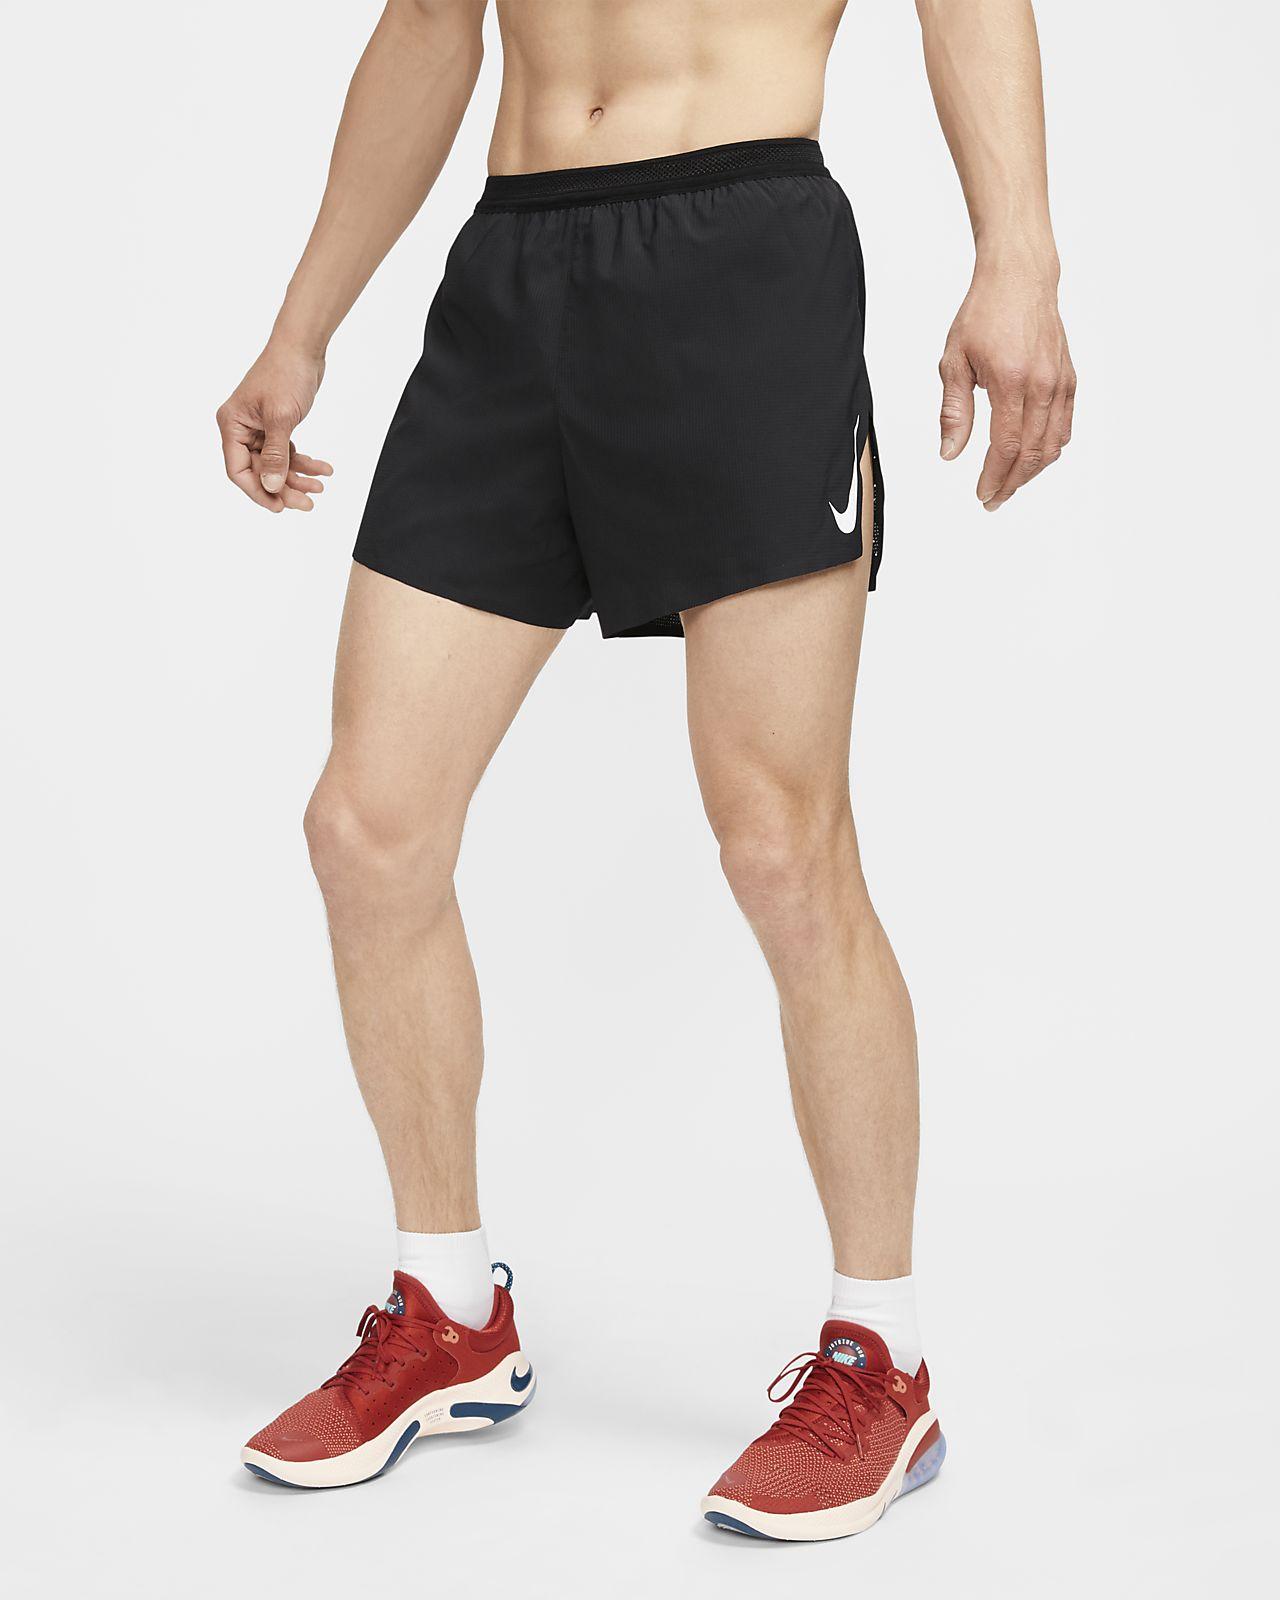 Nike Aeroswift Herren-Laufshorts (ca. 10 cm)